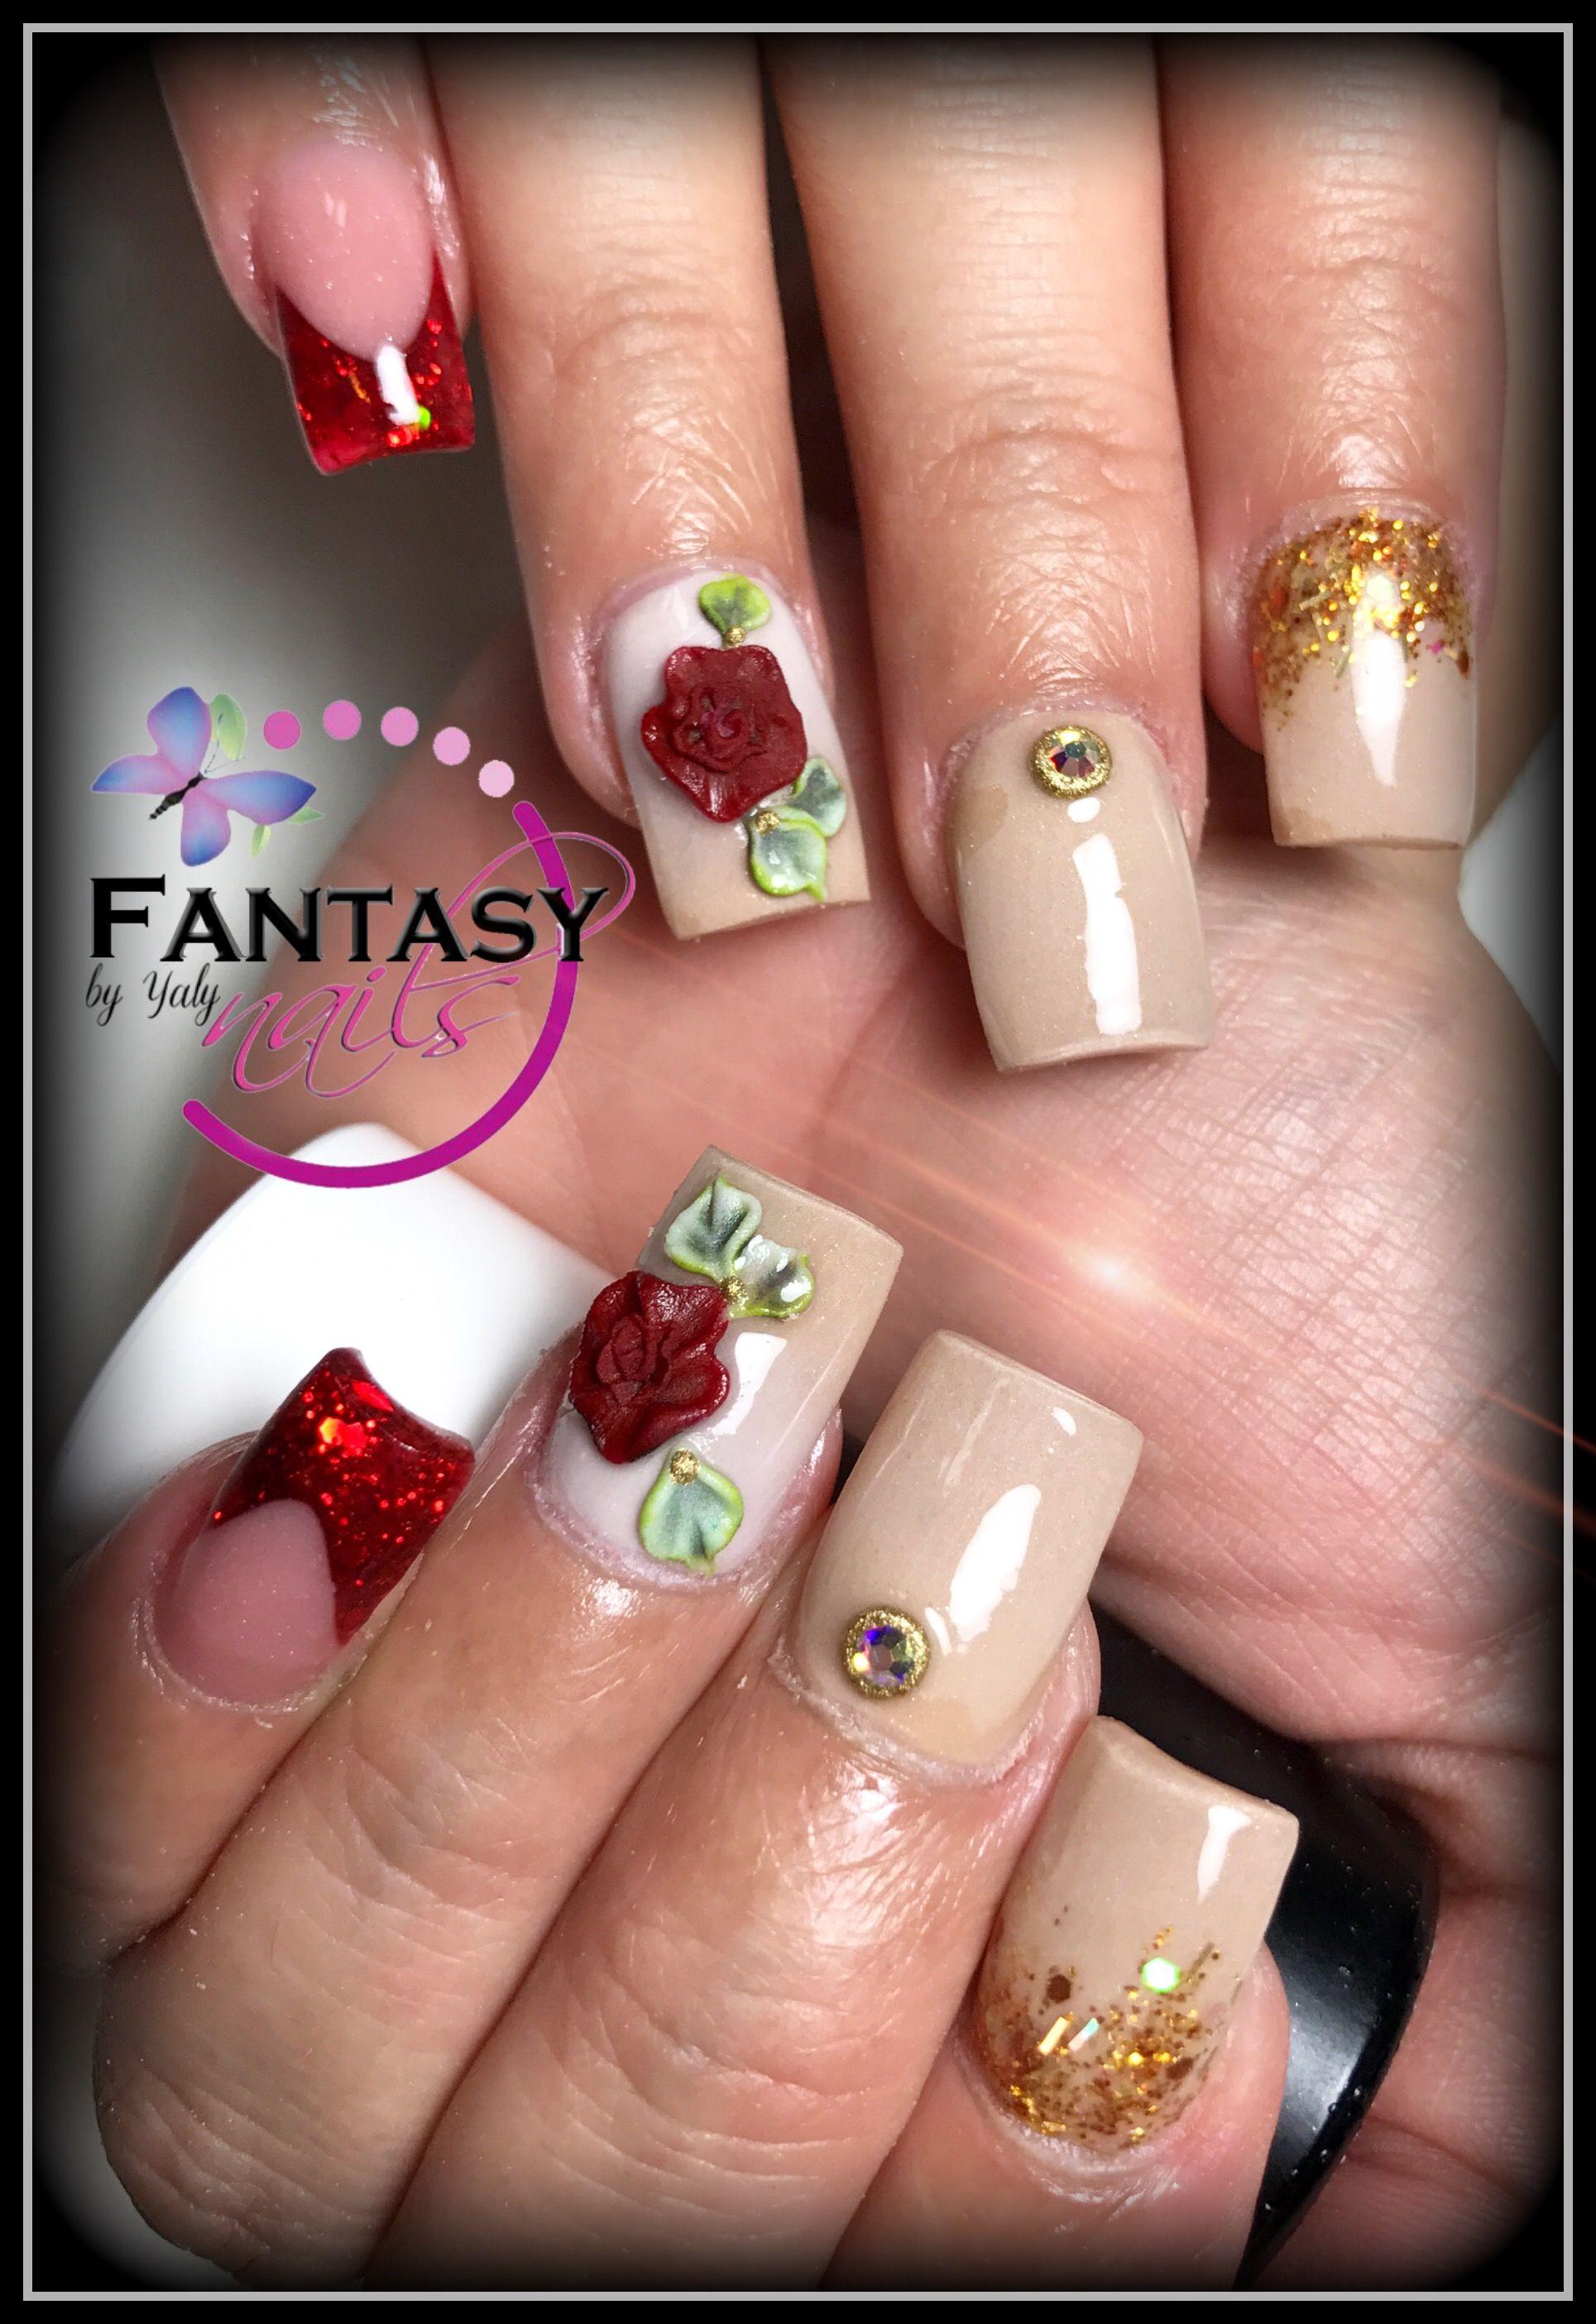 Pin by Yalitza FantasyNails on FANTASY NAILS | Pinterest